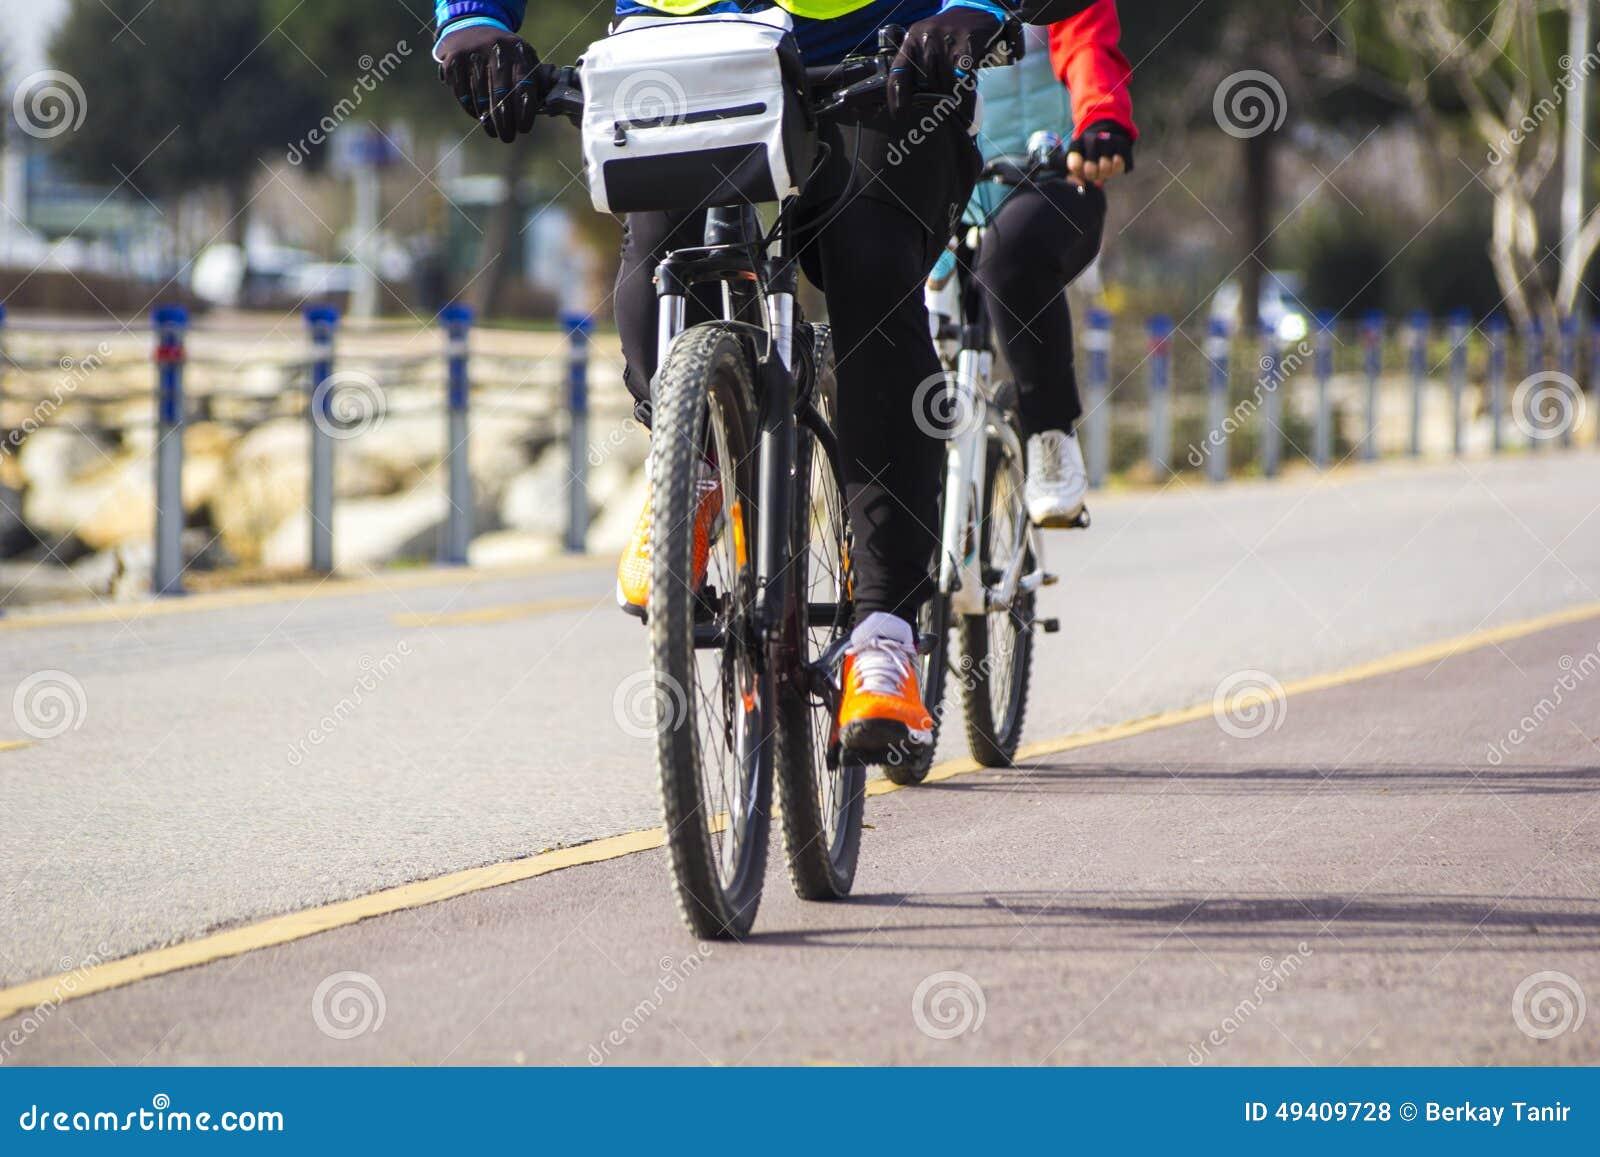 Download Der Ehemann Und Die Frau Beim Radfahren Stockfoto - Bild von ehemann, radfahren: 49409728